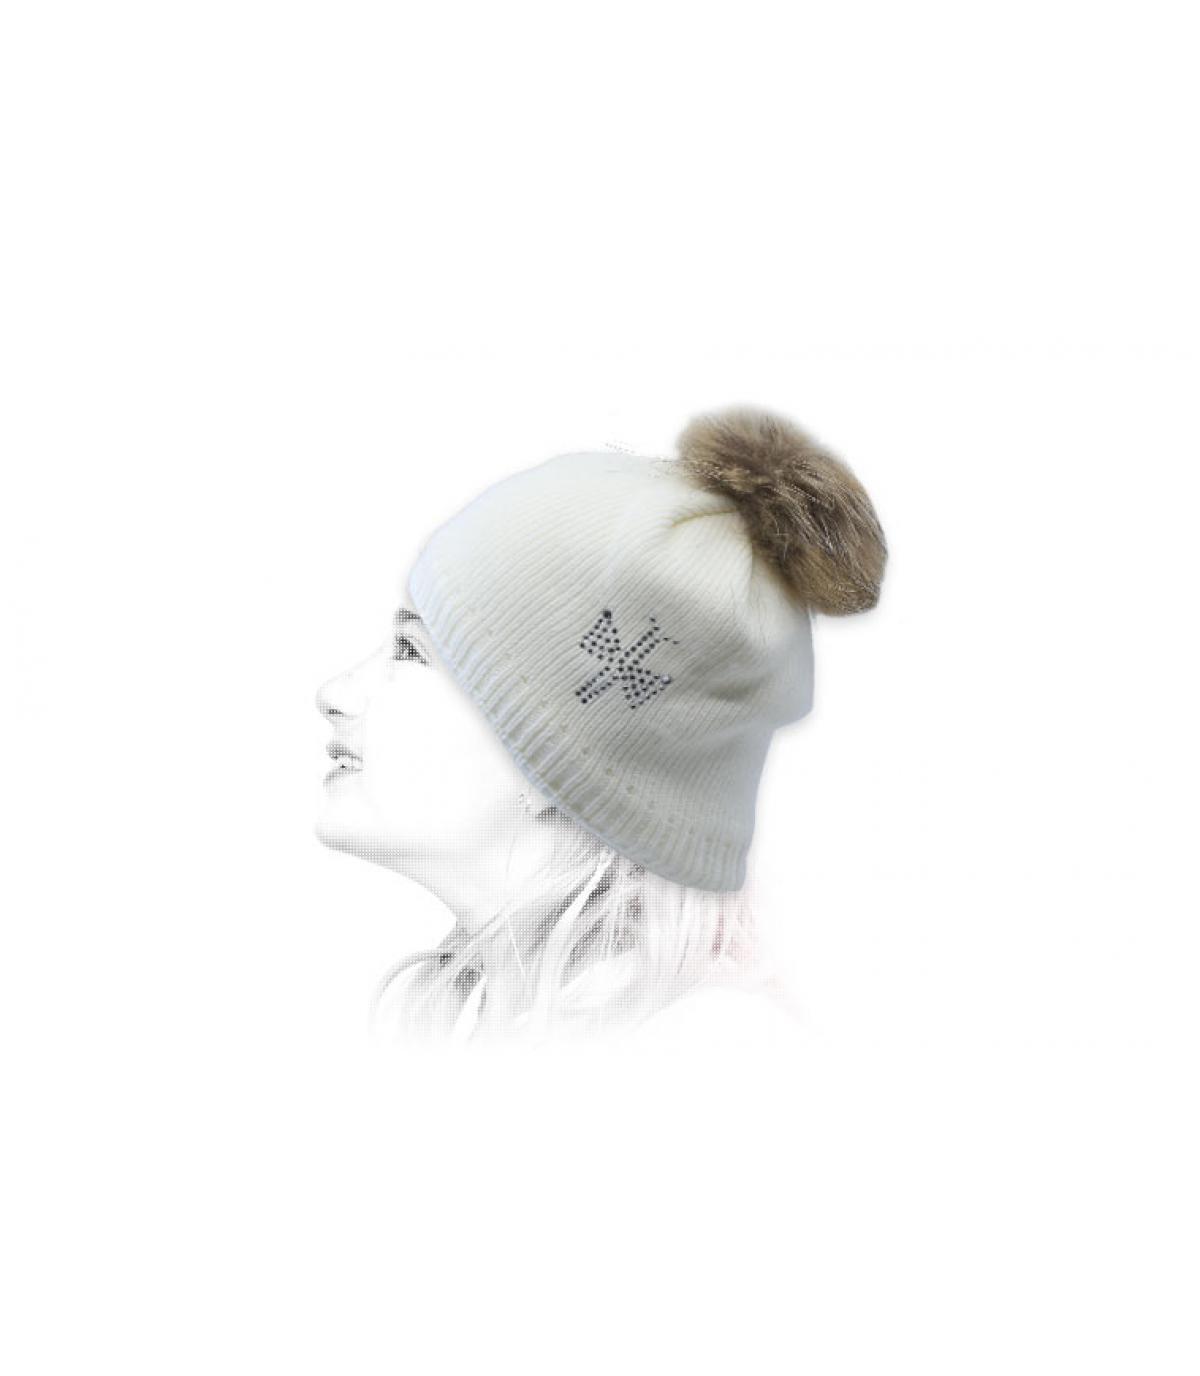 bonnet enfant blanc pompon fourrure